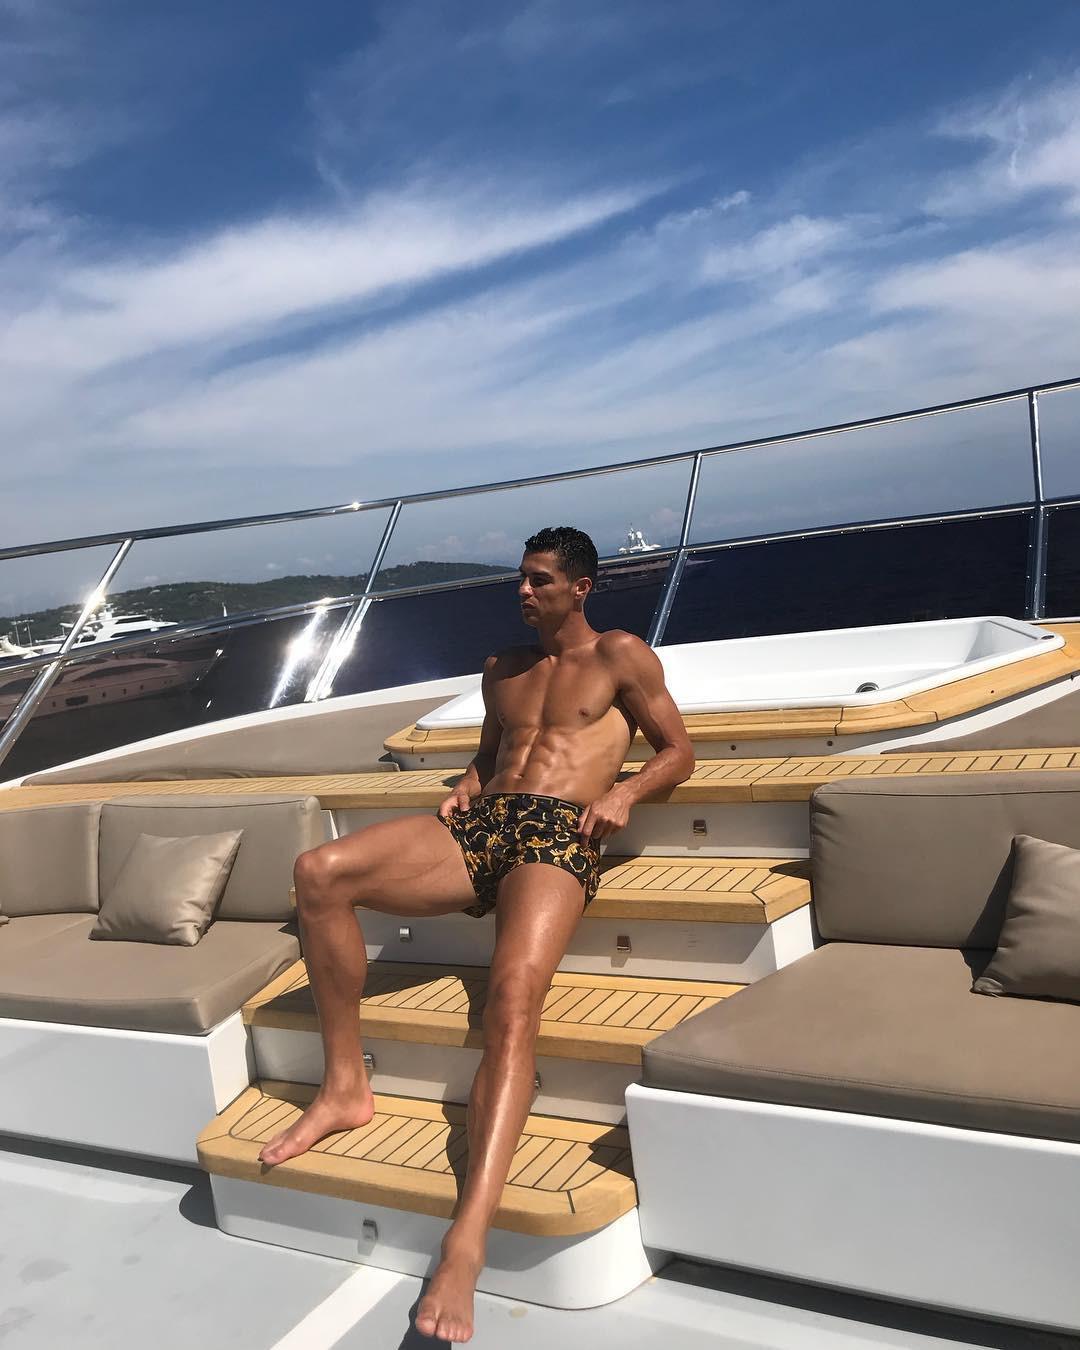 Lý do vì sao Cristiano Ronaldo vượt qua hàng loạt siêu sao showbiz để thống trị Instagram? - Ảnh 6.